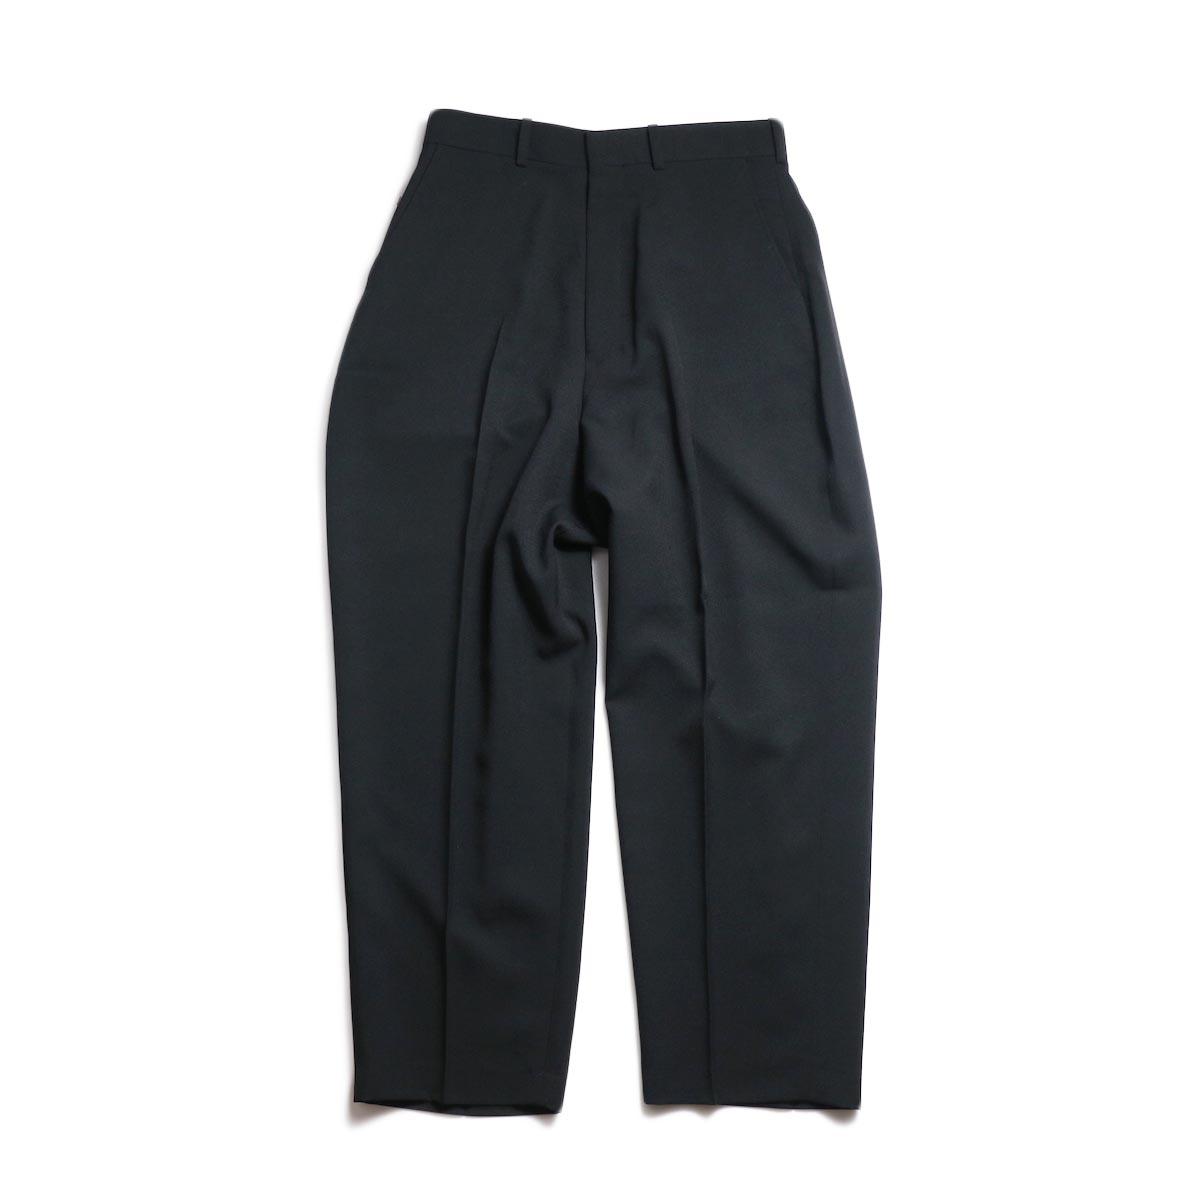 N.HOOLYWOOD / 191-PT05-034-pieces Wide Slacks (Black)